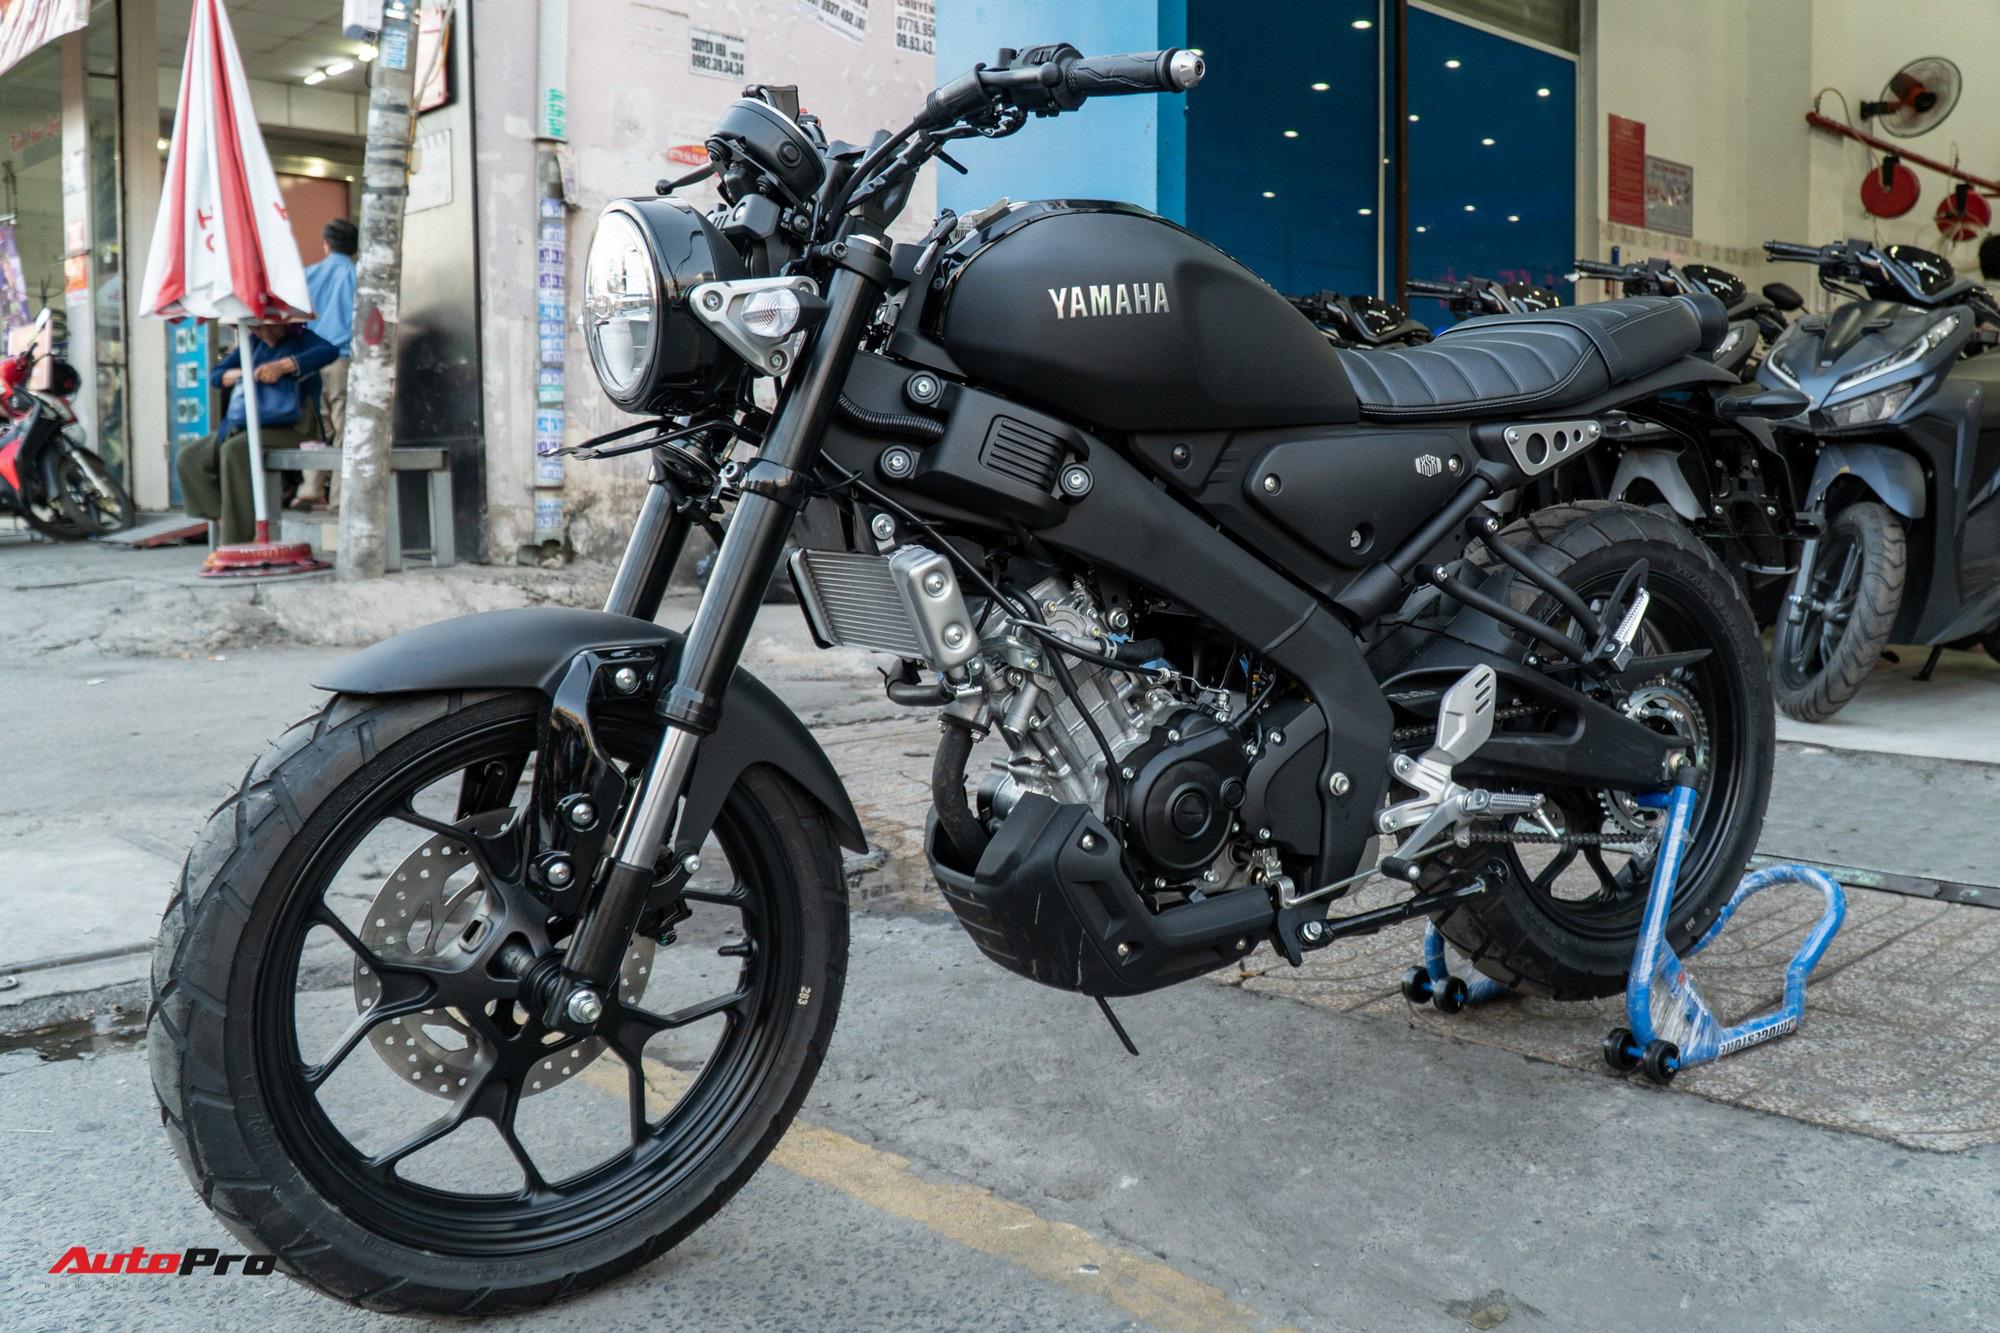 Yamaha XSR 155 chính hãng chuẩn bị về Việt Nam với giá 90 triệu đồng? - Ảnh 2.